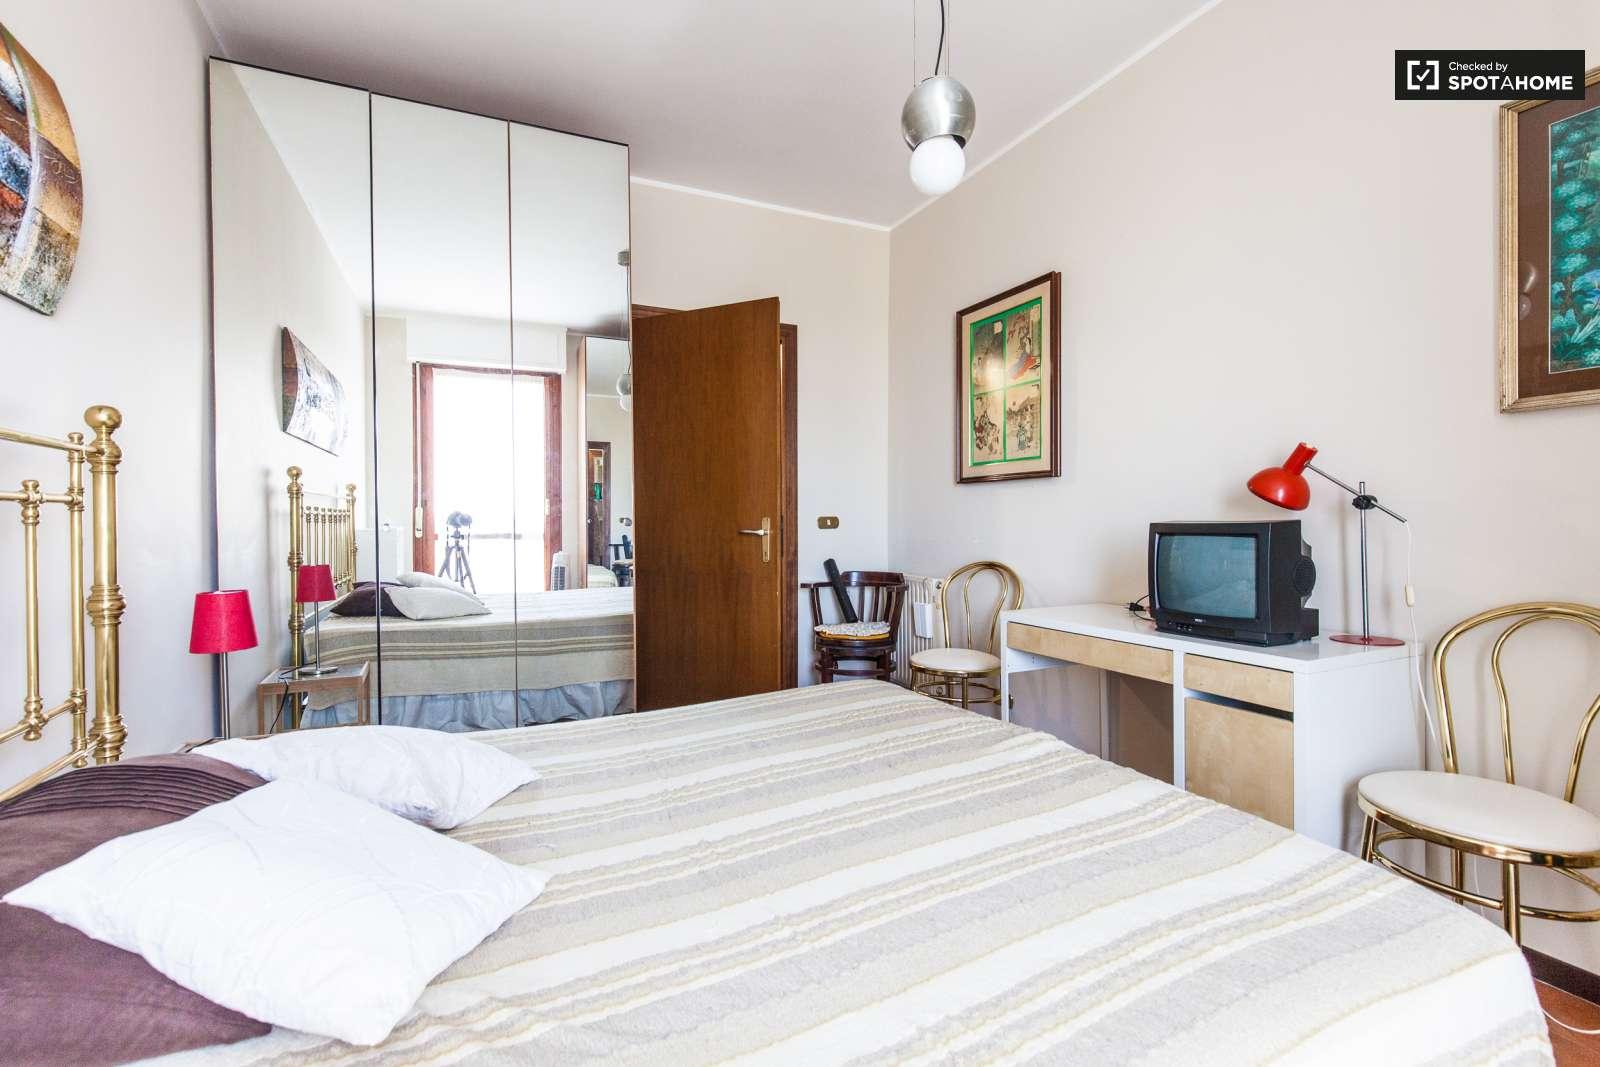 Stanza spaziosa in un appartamento con mensole a for Planimetria stanza